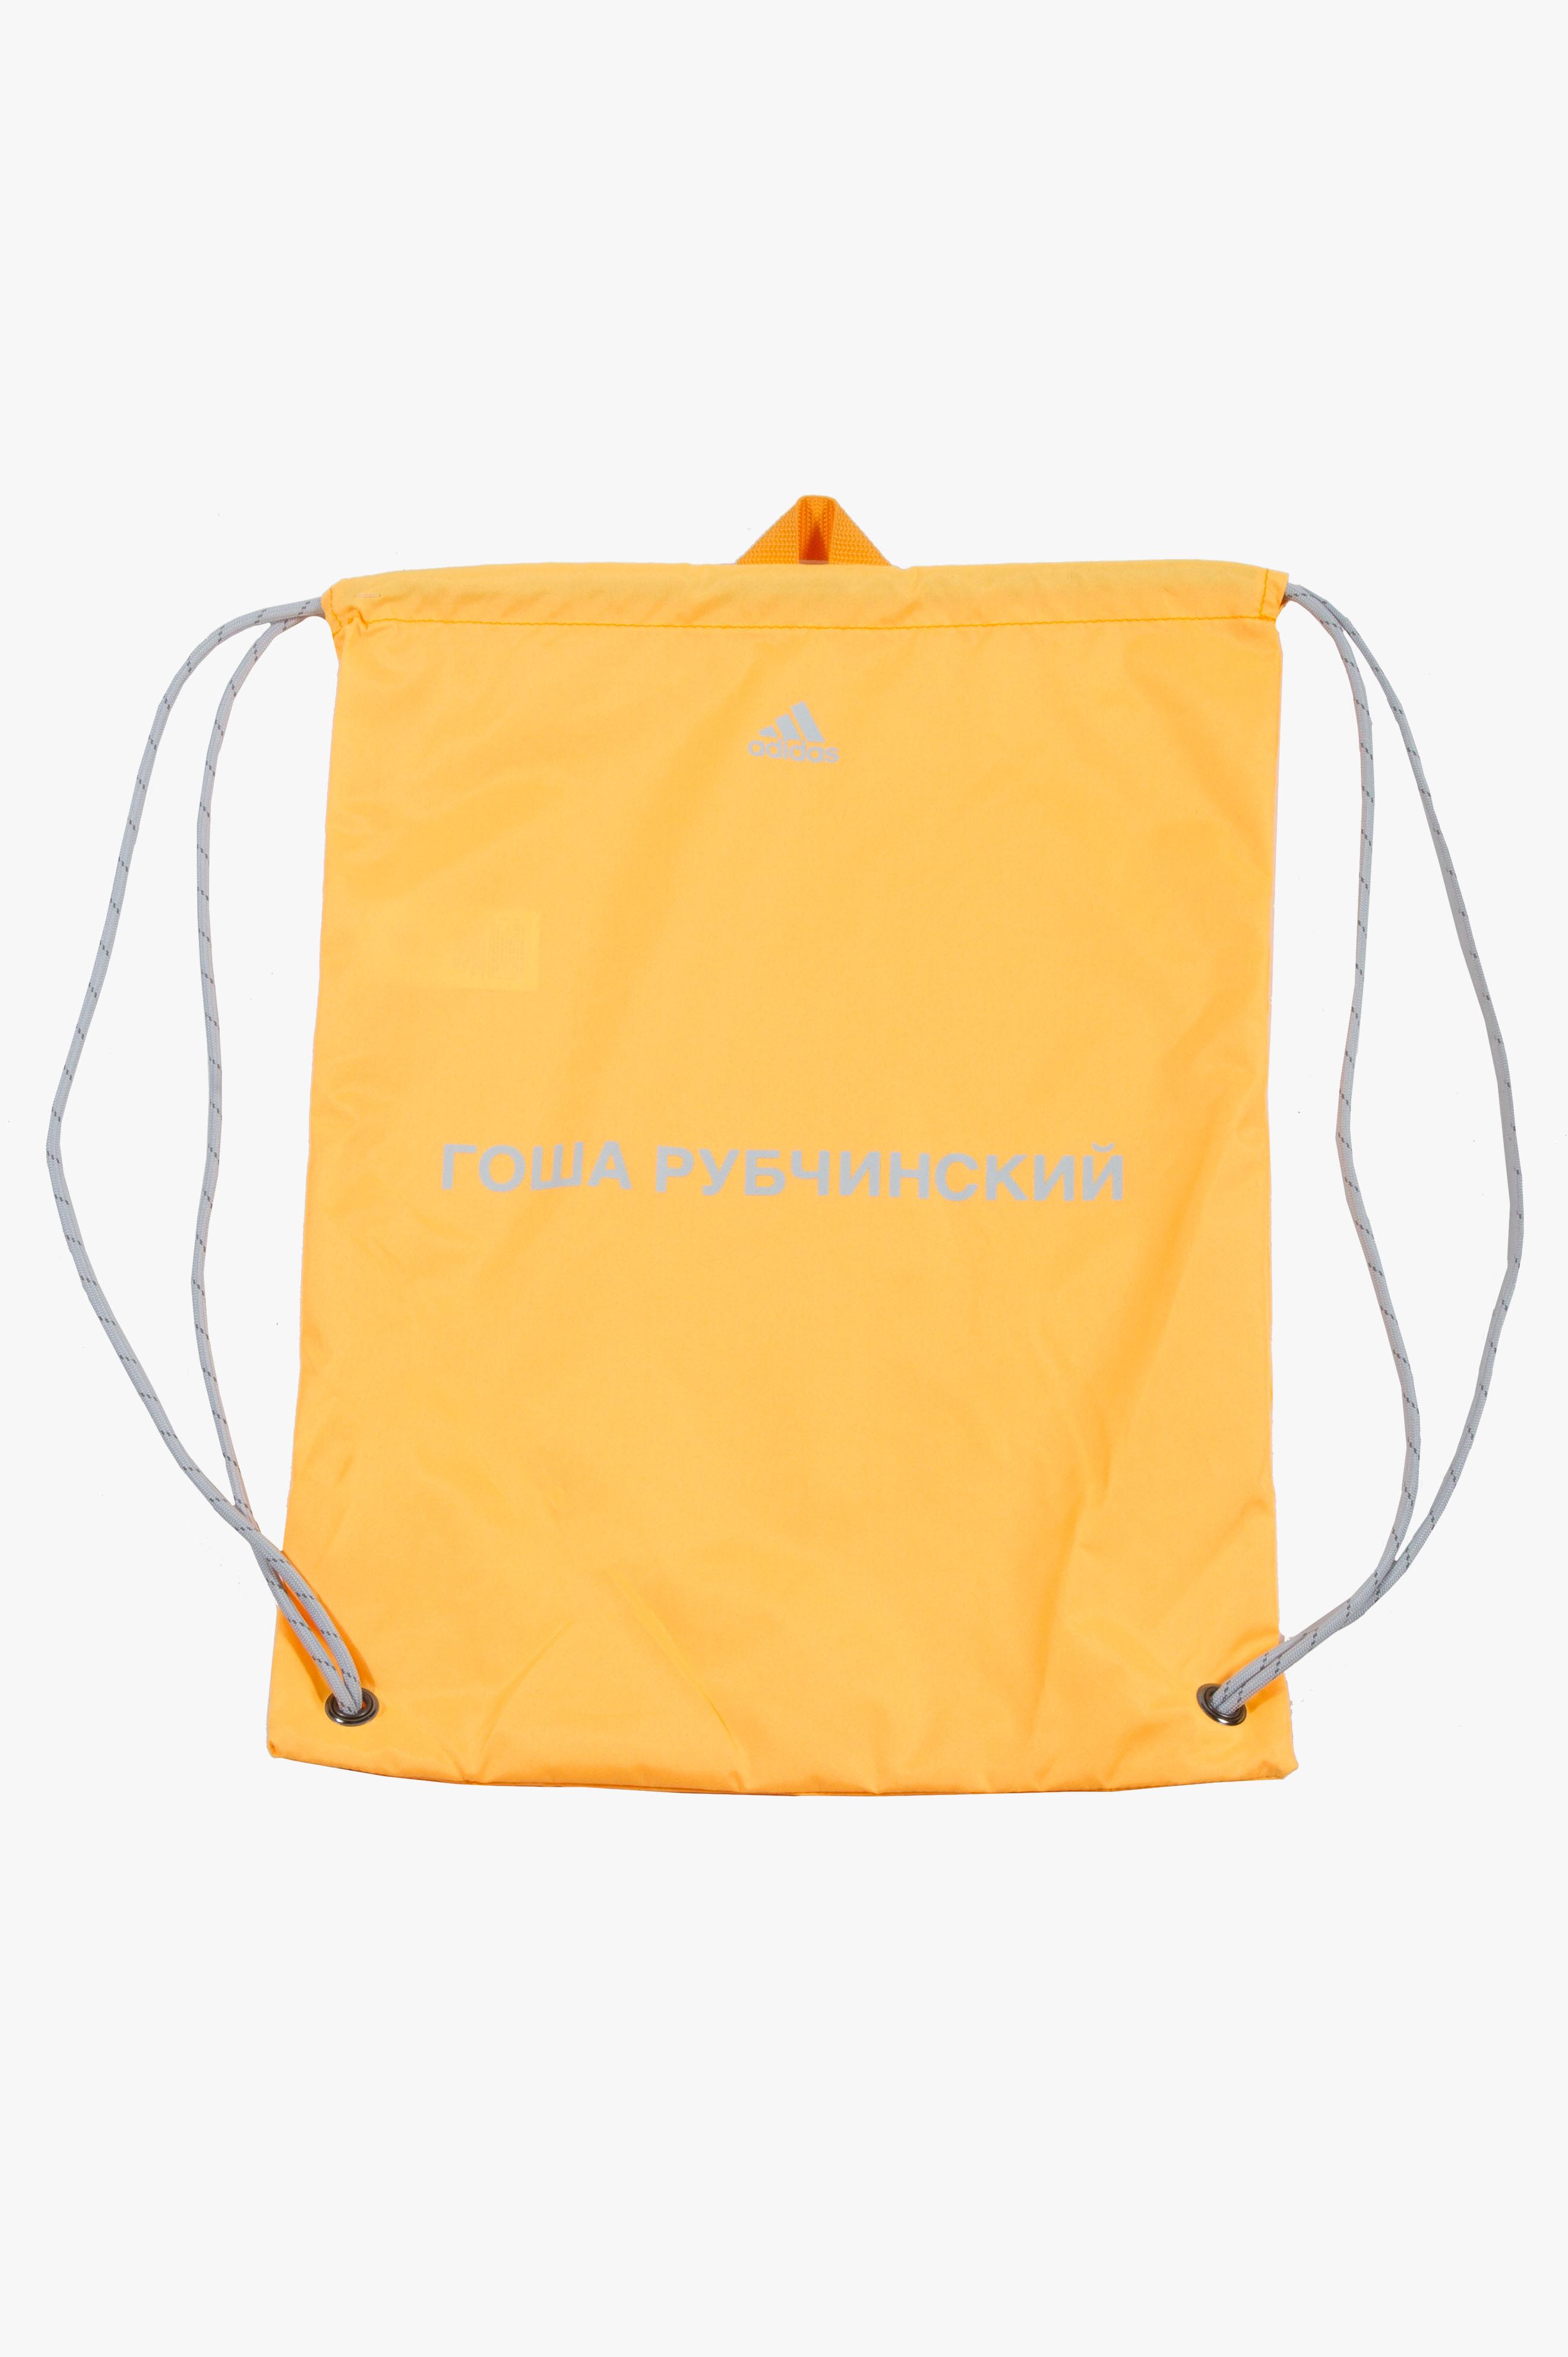 x Adidas Gym Bag Orange